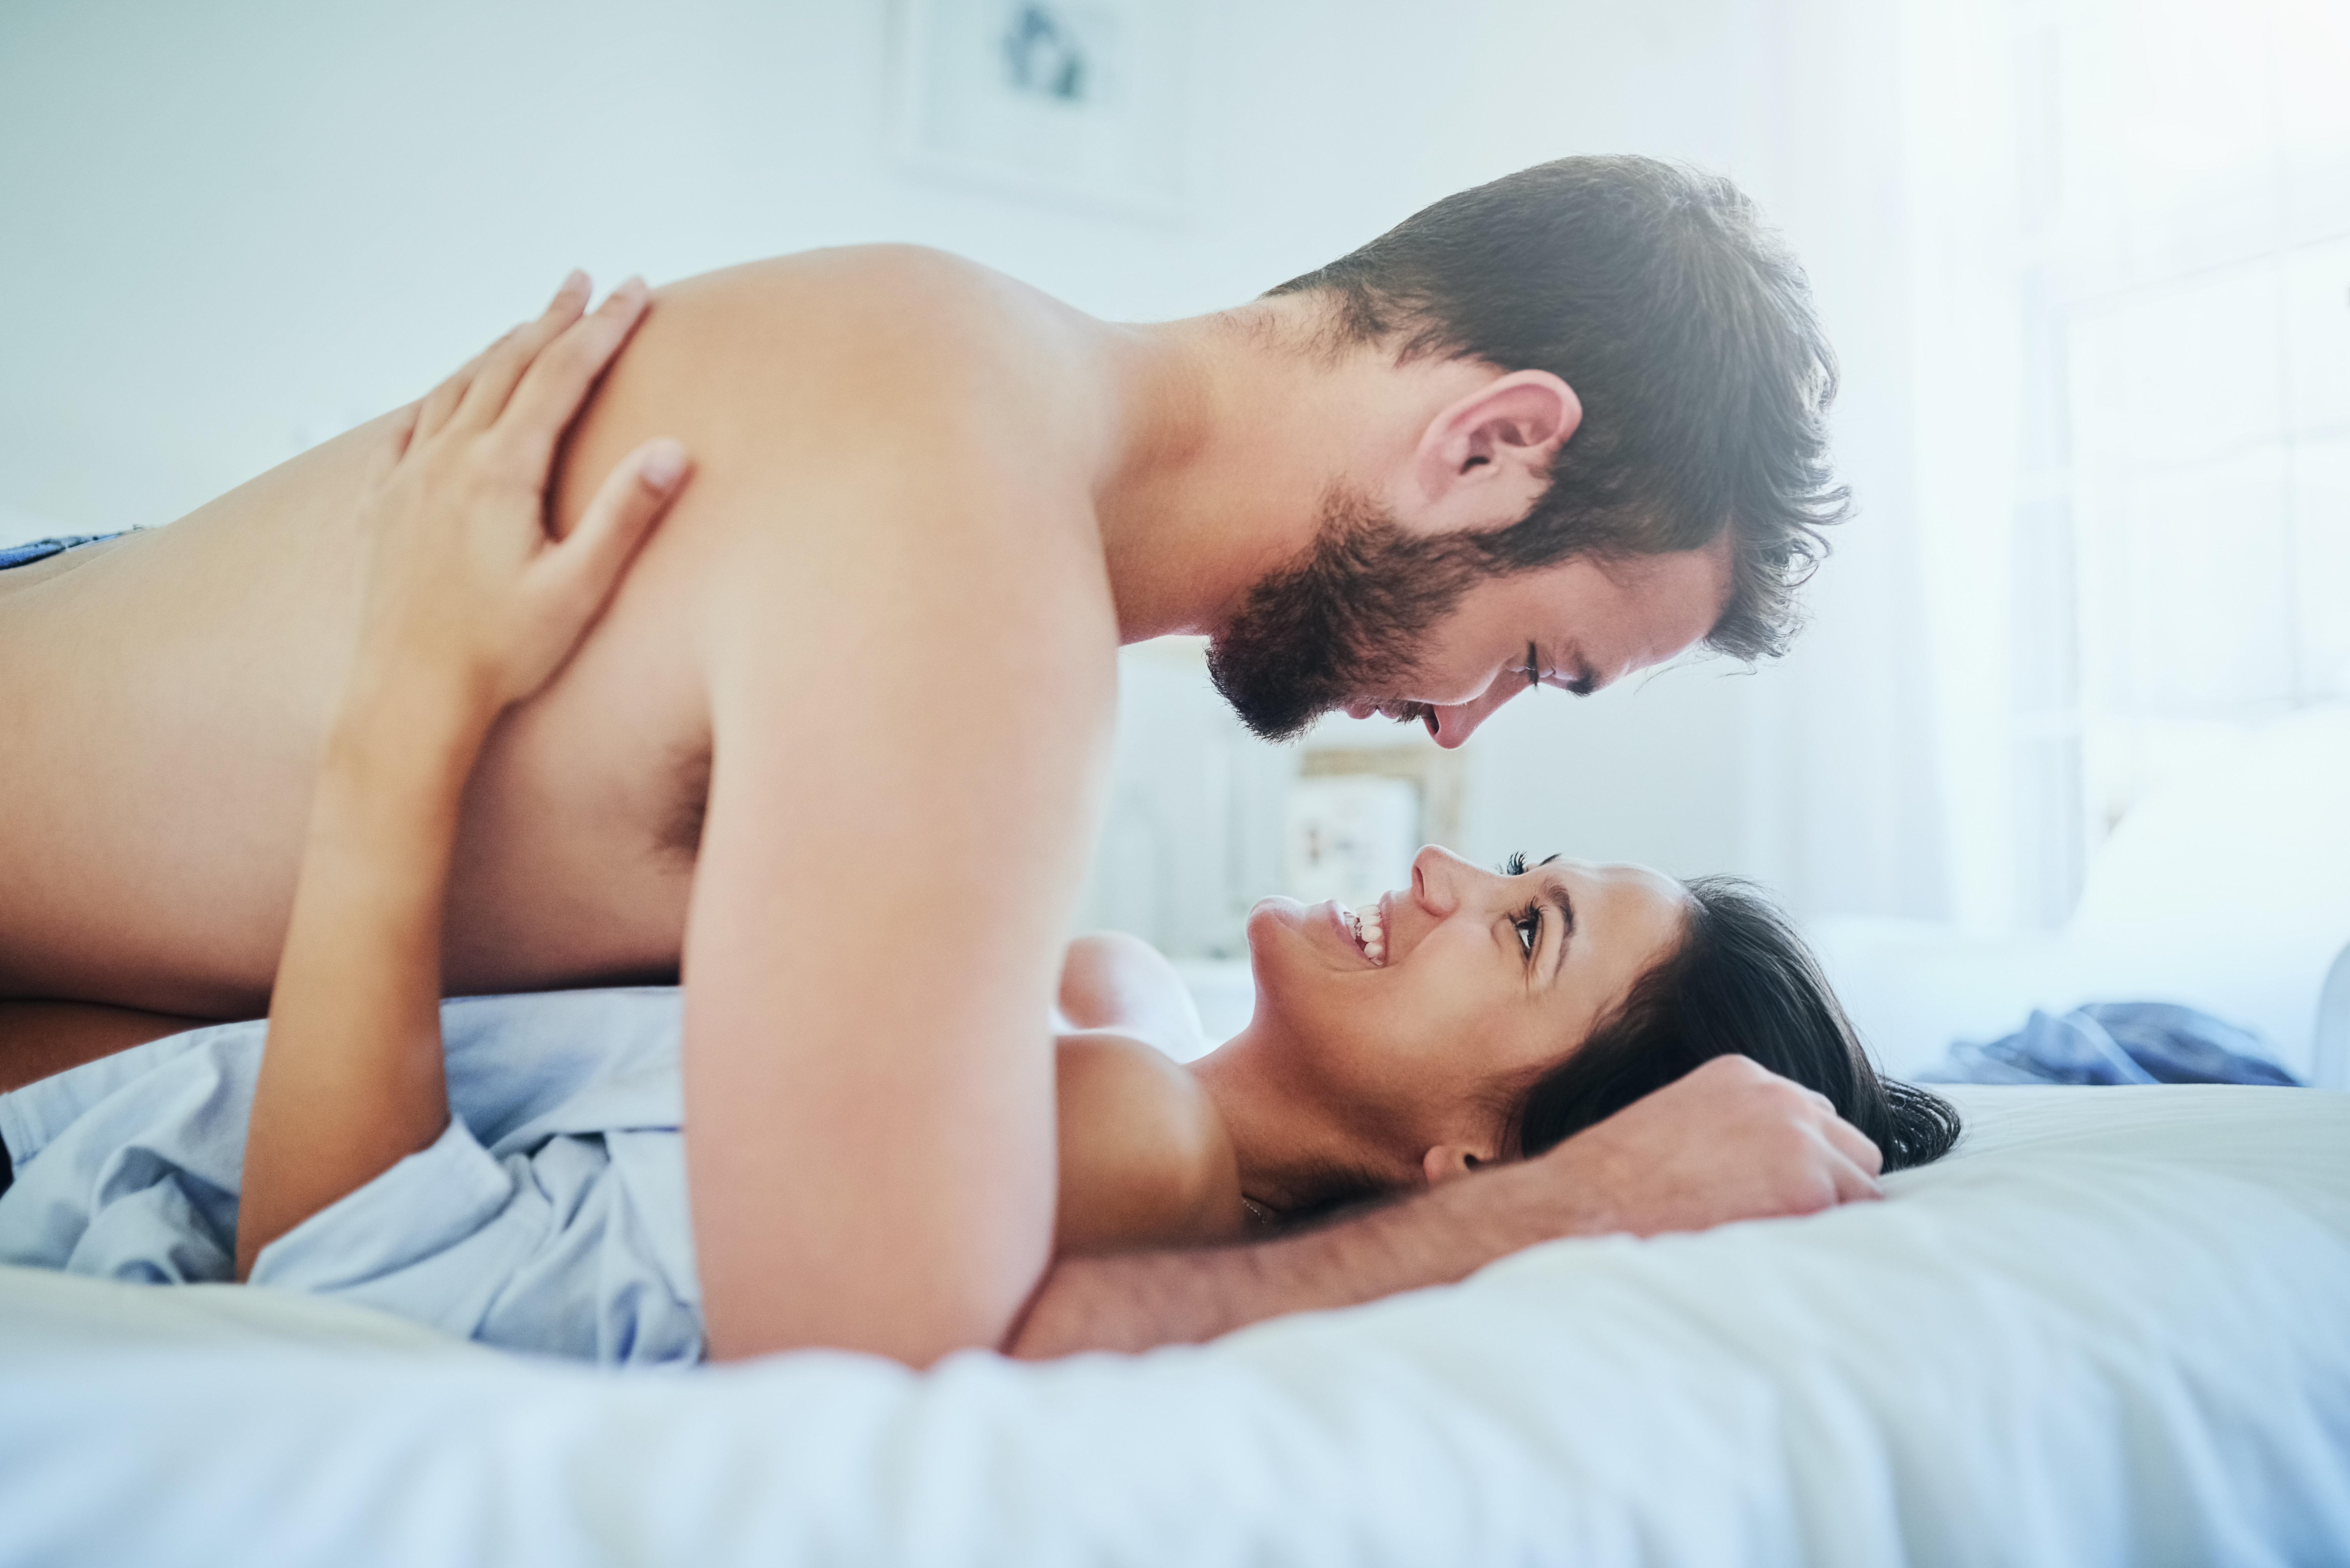 Paartherapeut: Mit diesem Fehler zerstören Eltern ihr Sexleben